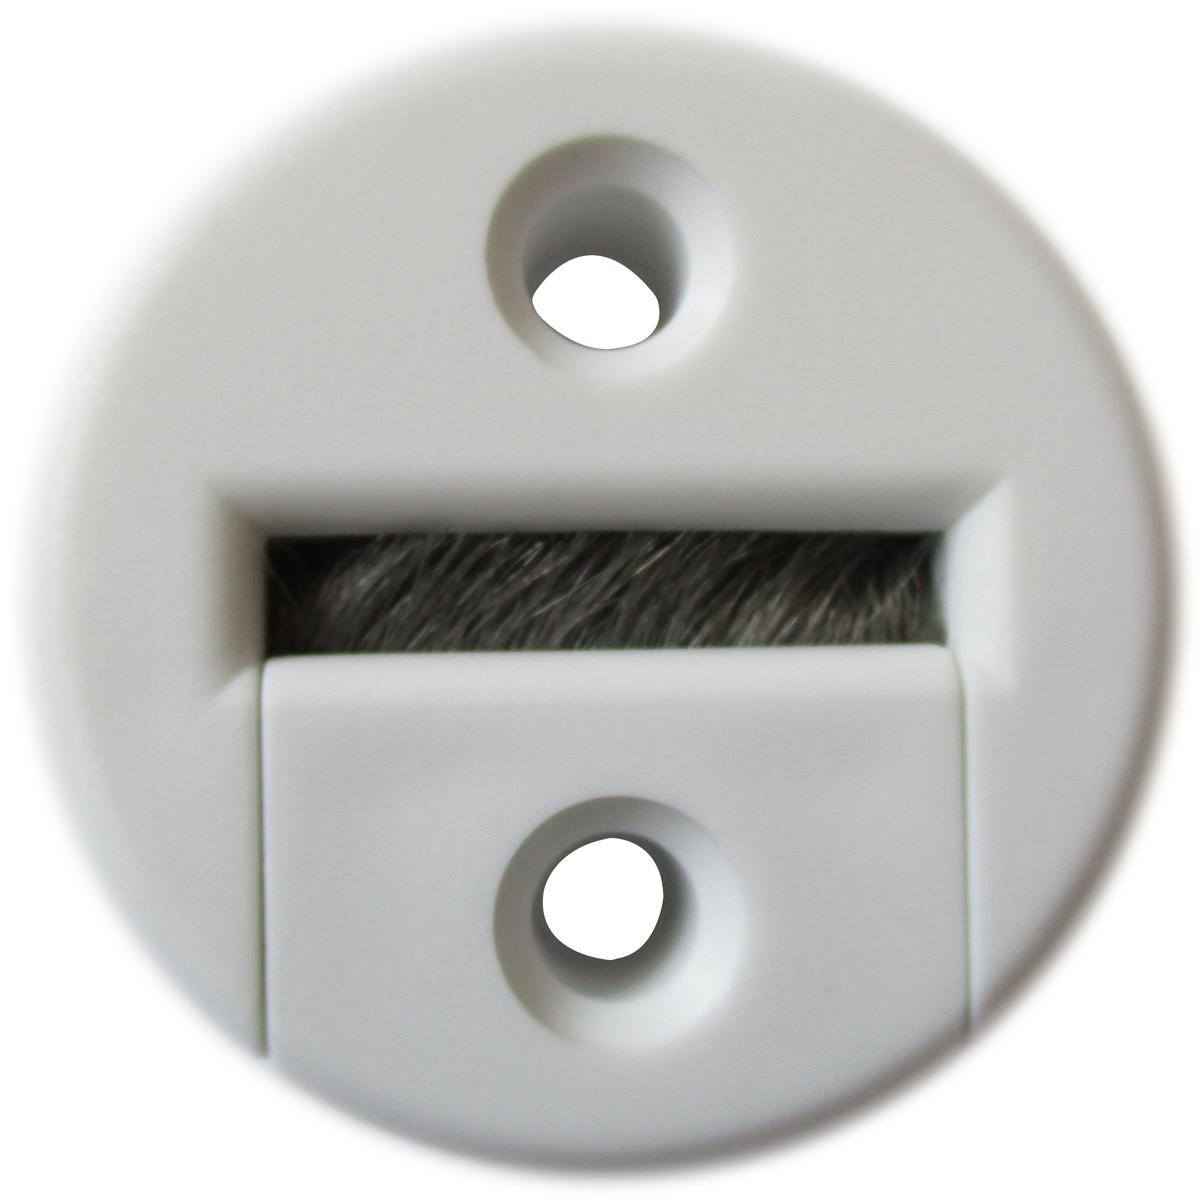 gurtleitrollen steckleitrollen gurtf hrungen jetzt g nstig markiso. Black Bedroom Furniture Sets. Home Design Ideas